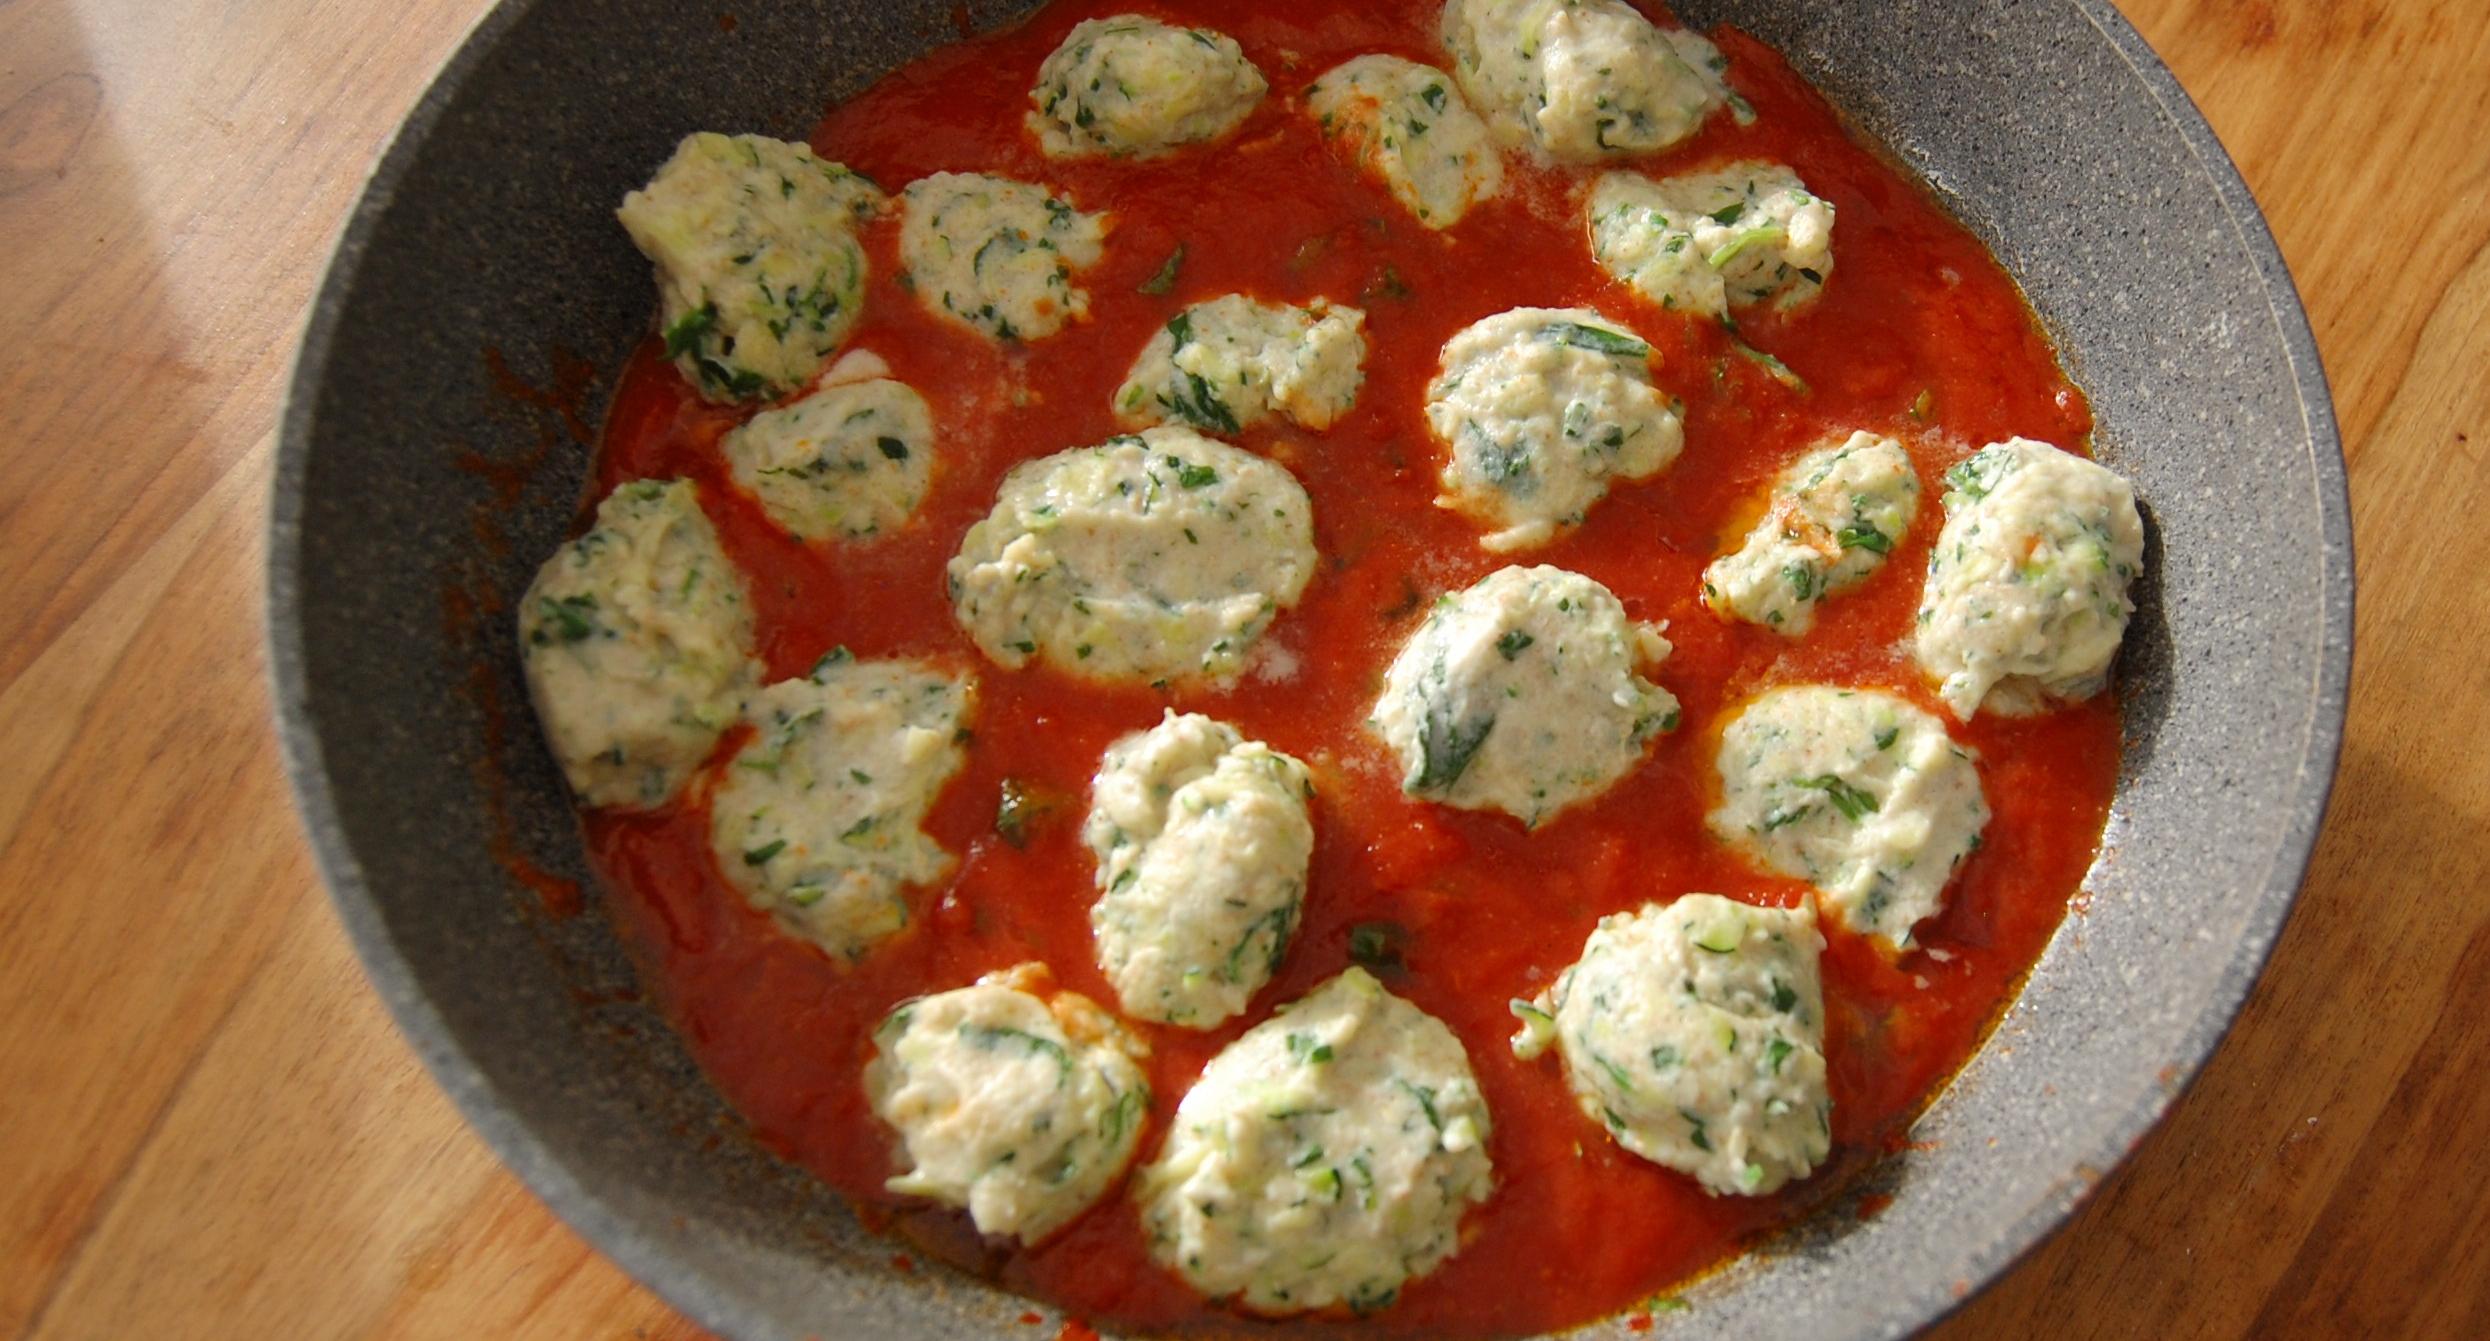 Ricotta Zucchini Spinach Dumplings recipe